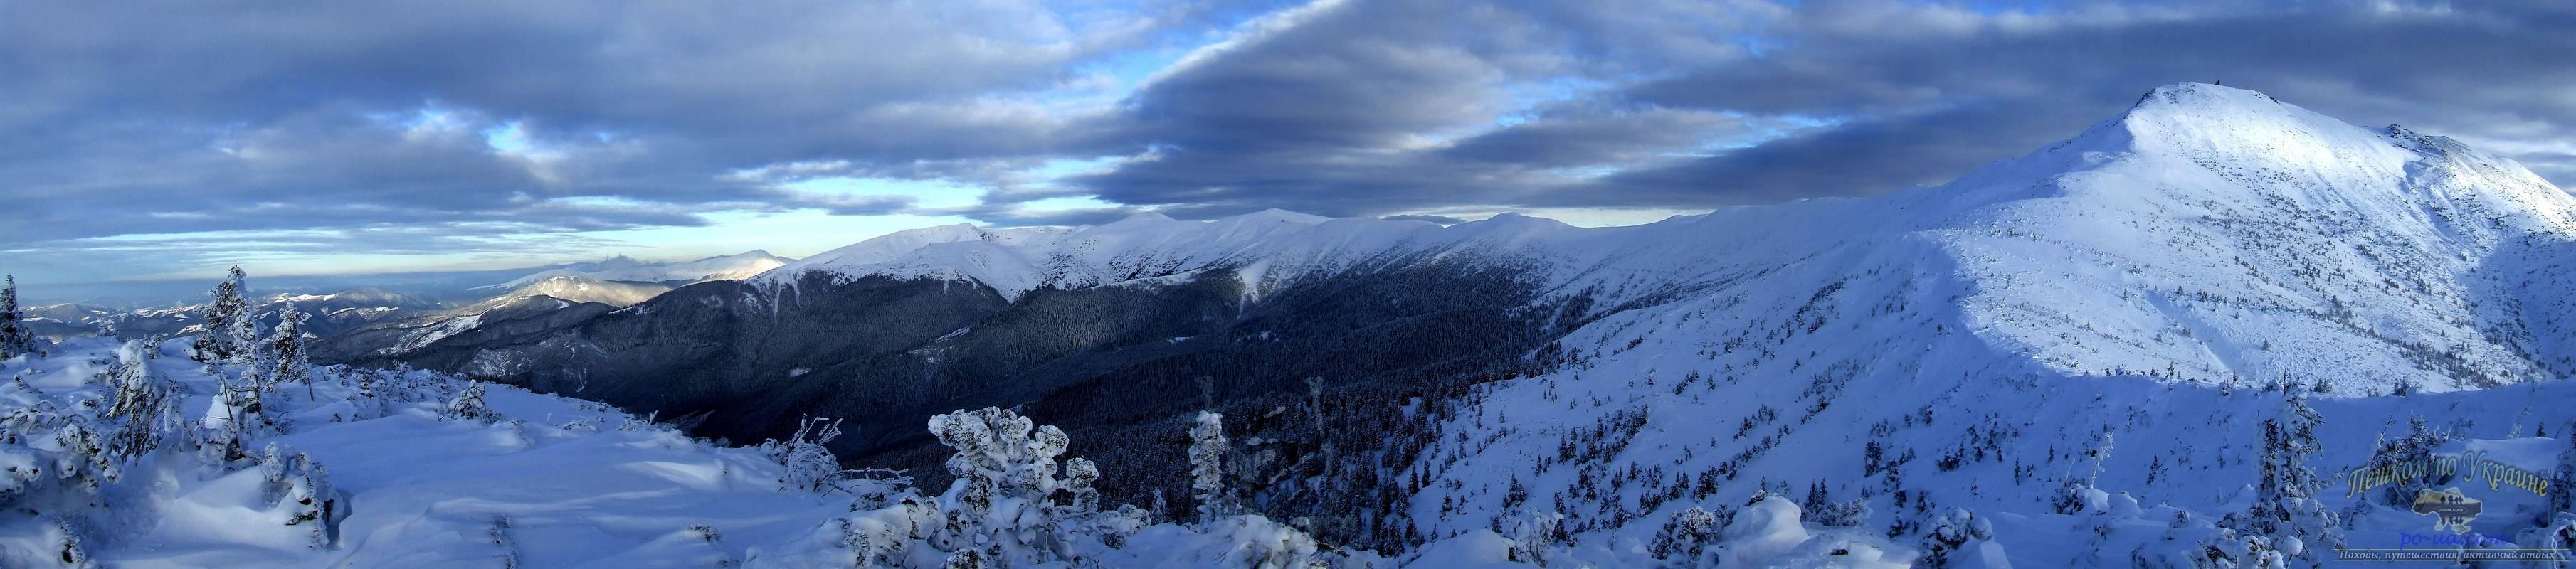 Панорама Черногорского хребта зимой